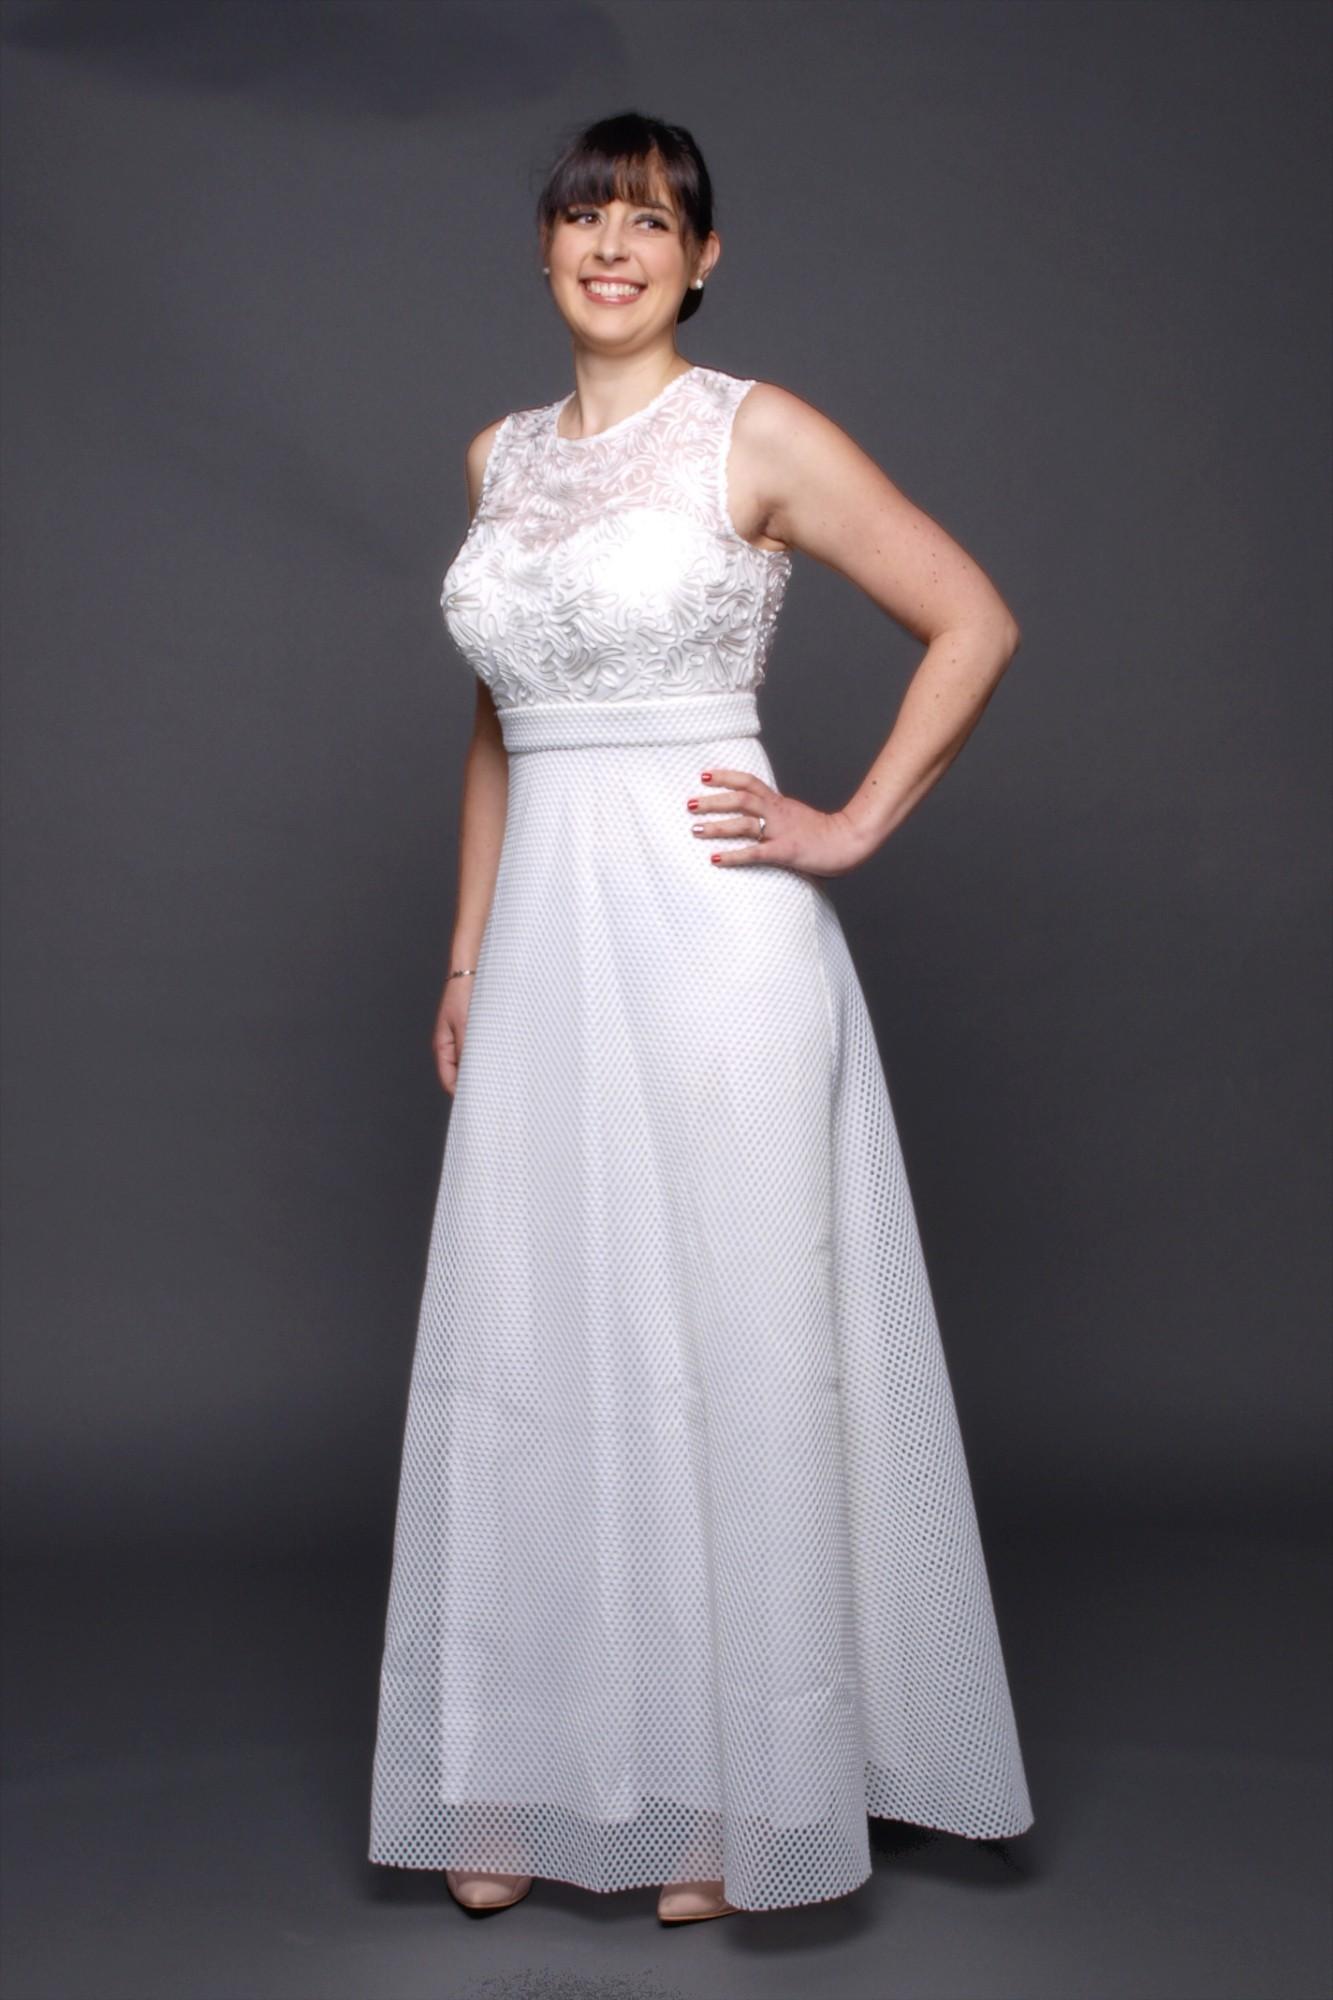 Robe de Coeur - Robe de mariée - Albi - Tarn - robe neuve - petit budget - Ashwi